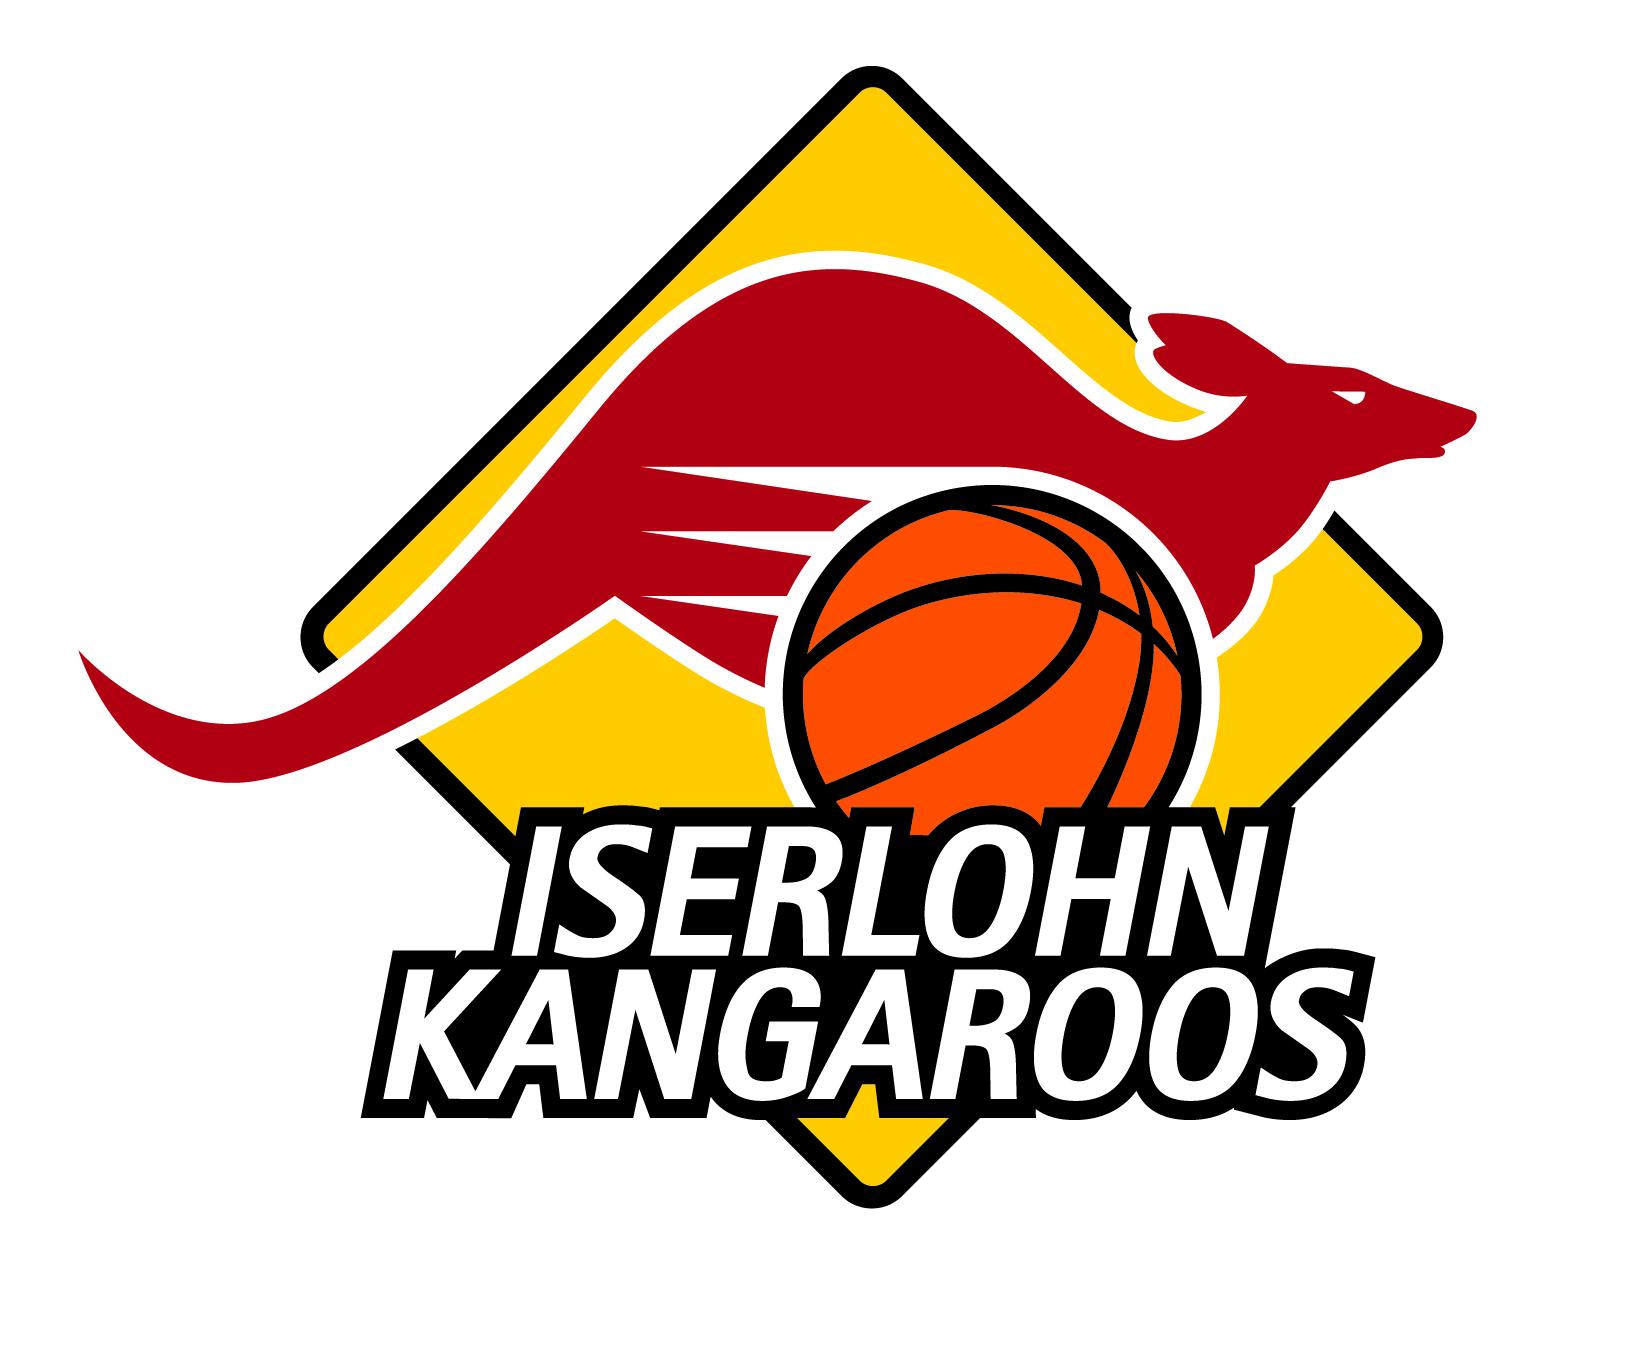 Khartchenkov wird der Leitwolf der Kangaroos